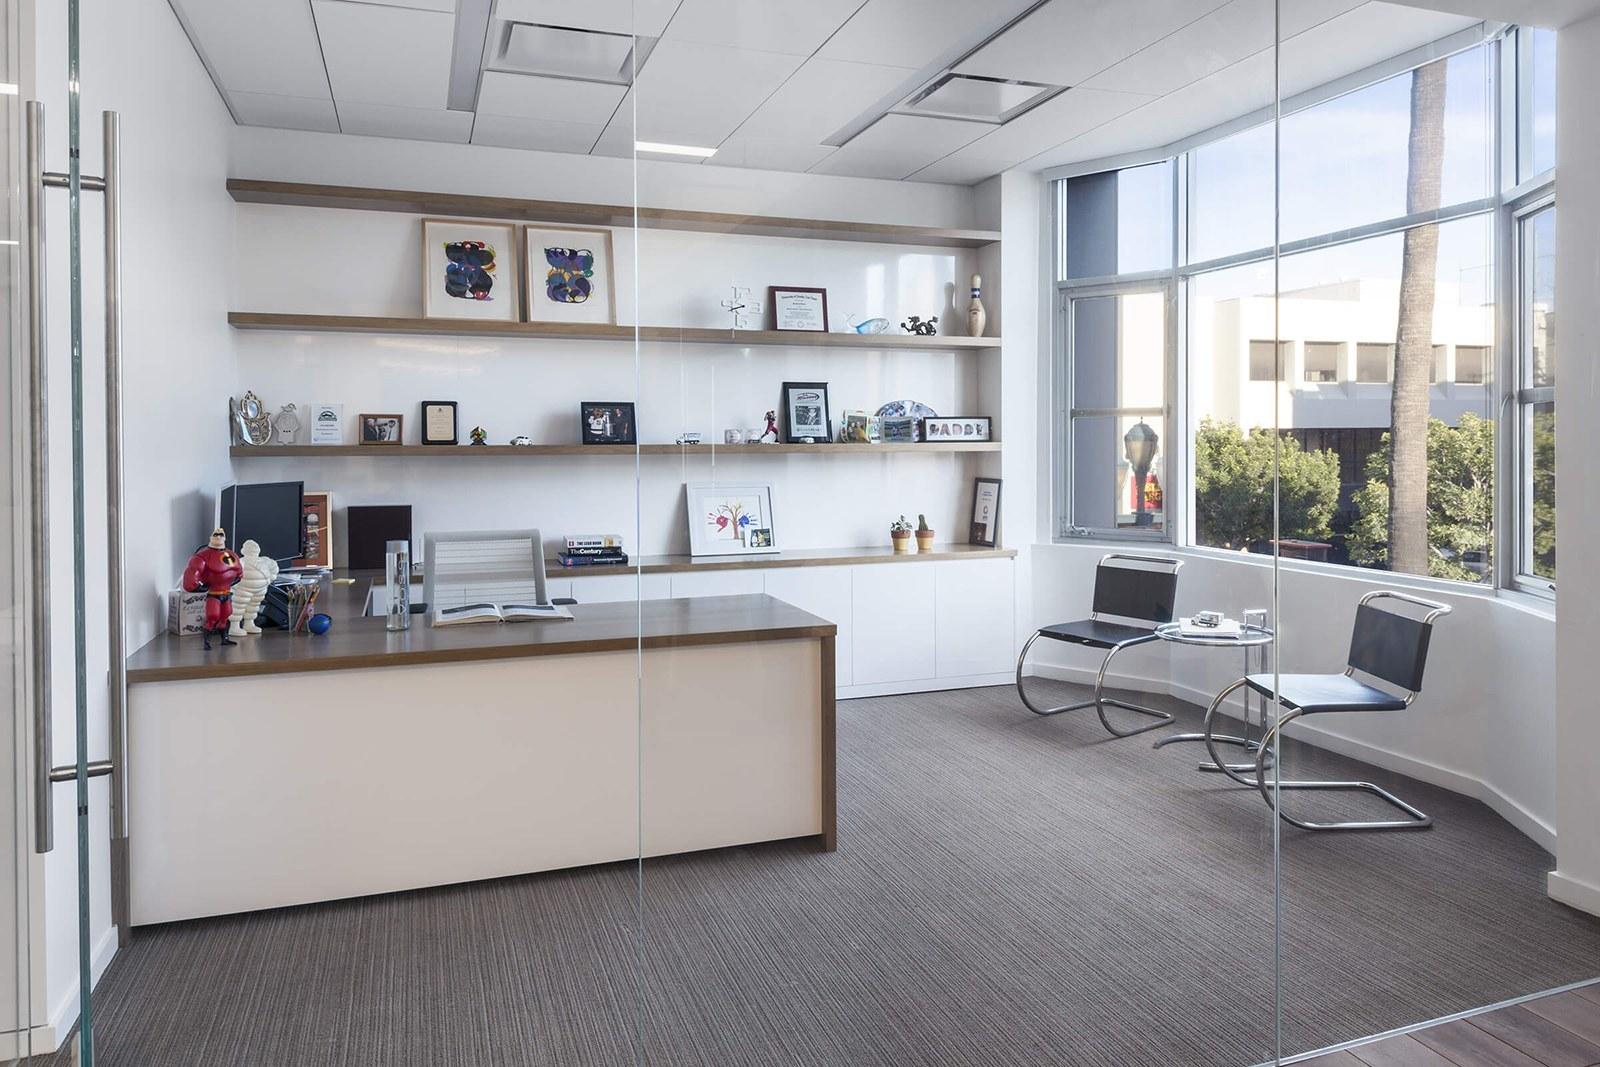 tsn-advertising-santa-monica-office-4